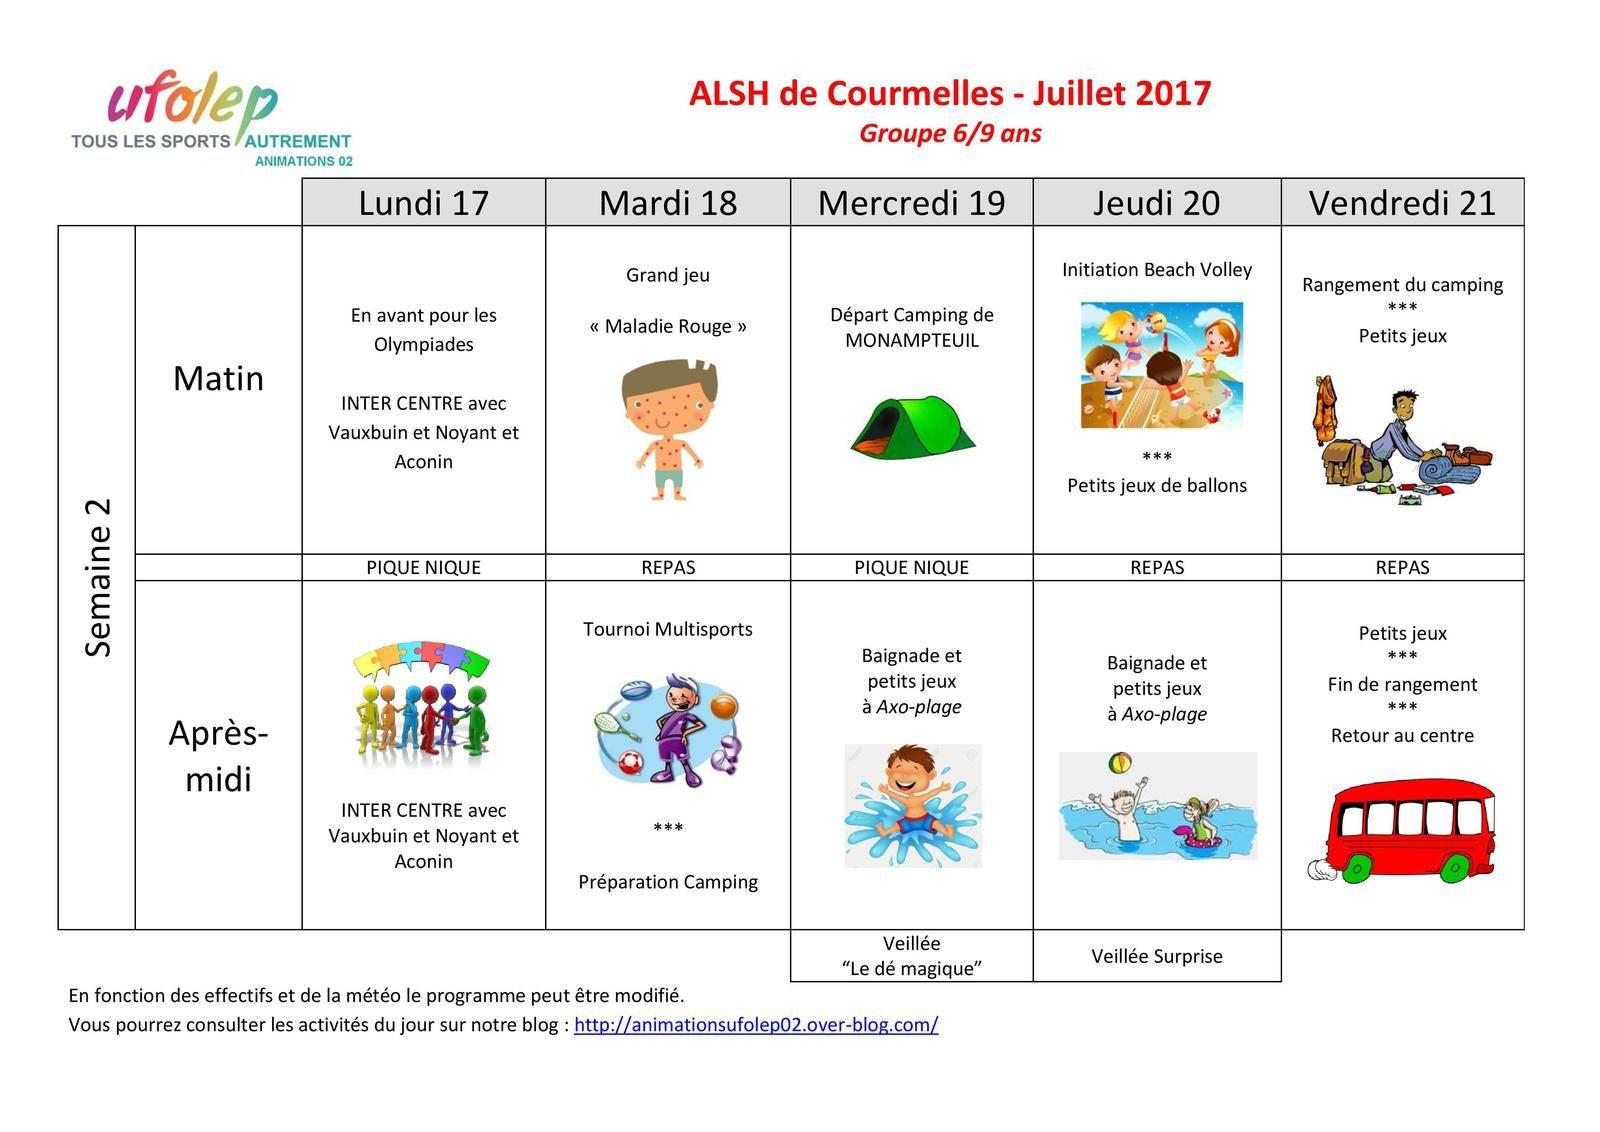 ALSH COURMELLES - Les activités